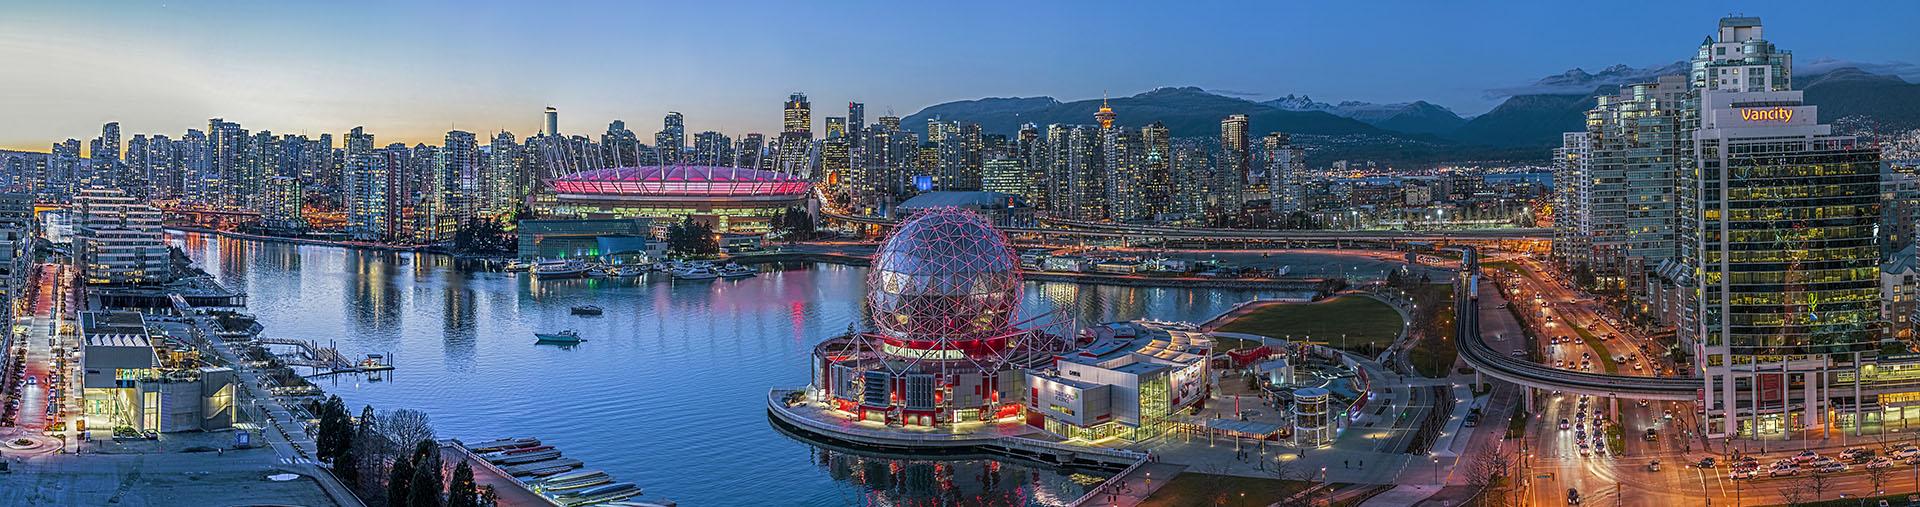 Vancouver_SE_Twilight_VT235A